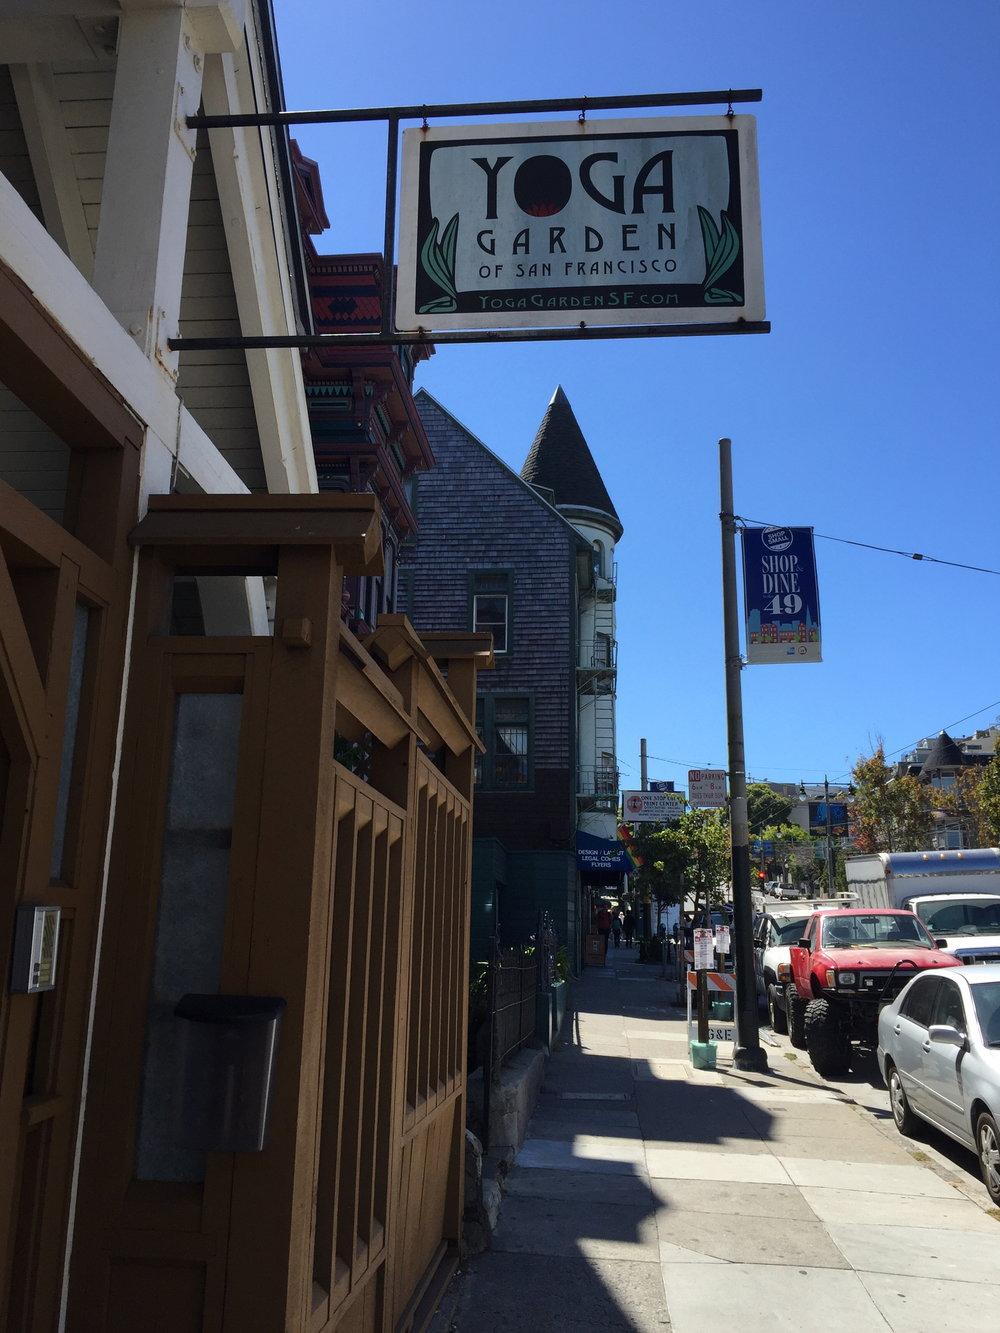 Yoga garden, San Fransisco